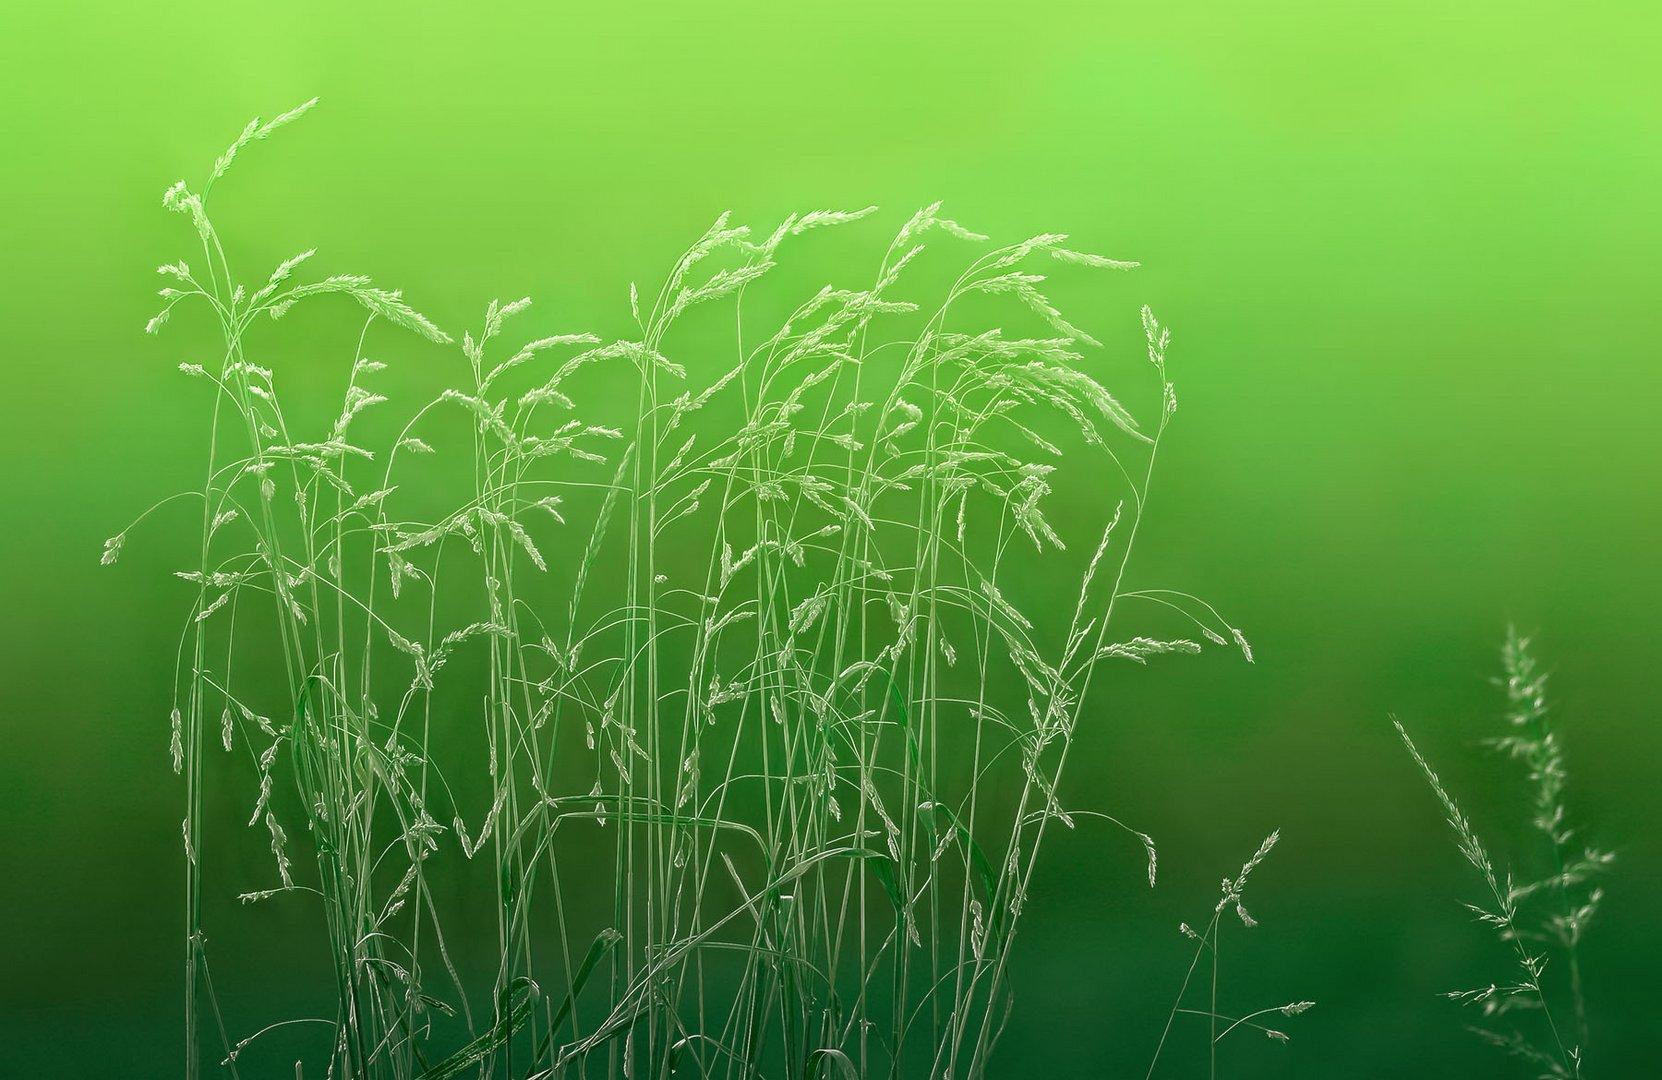 über etwas gras wachsen lassen ...